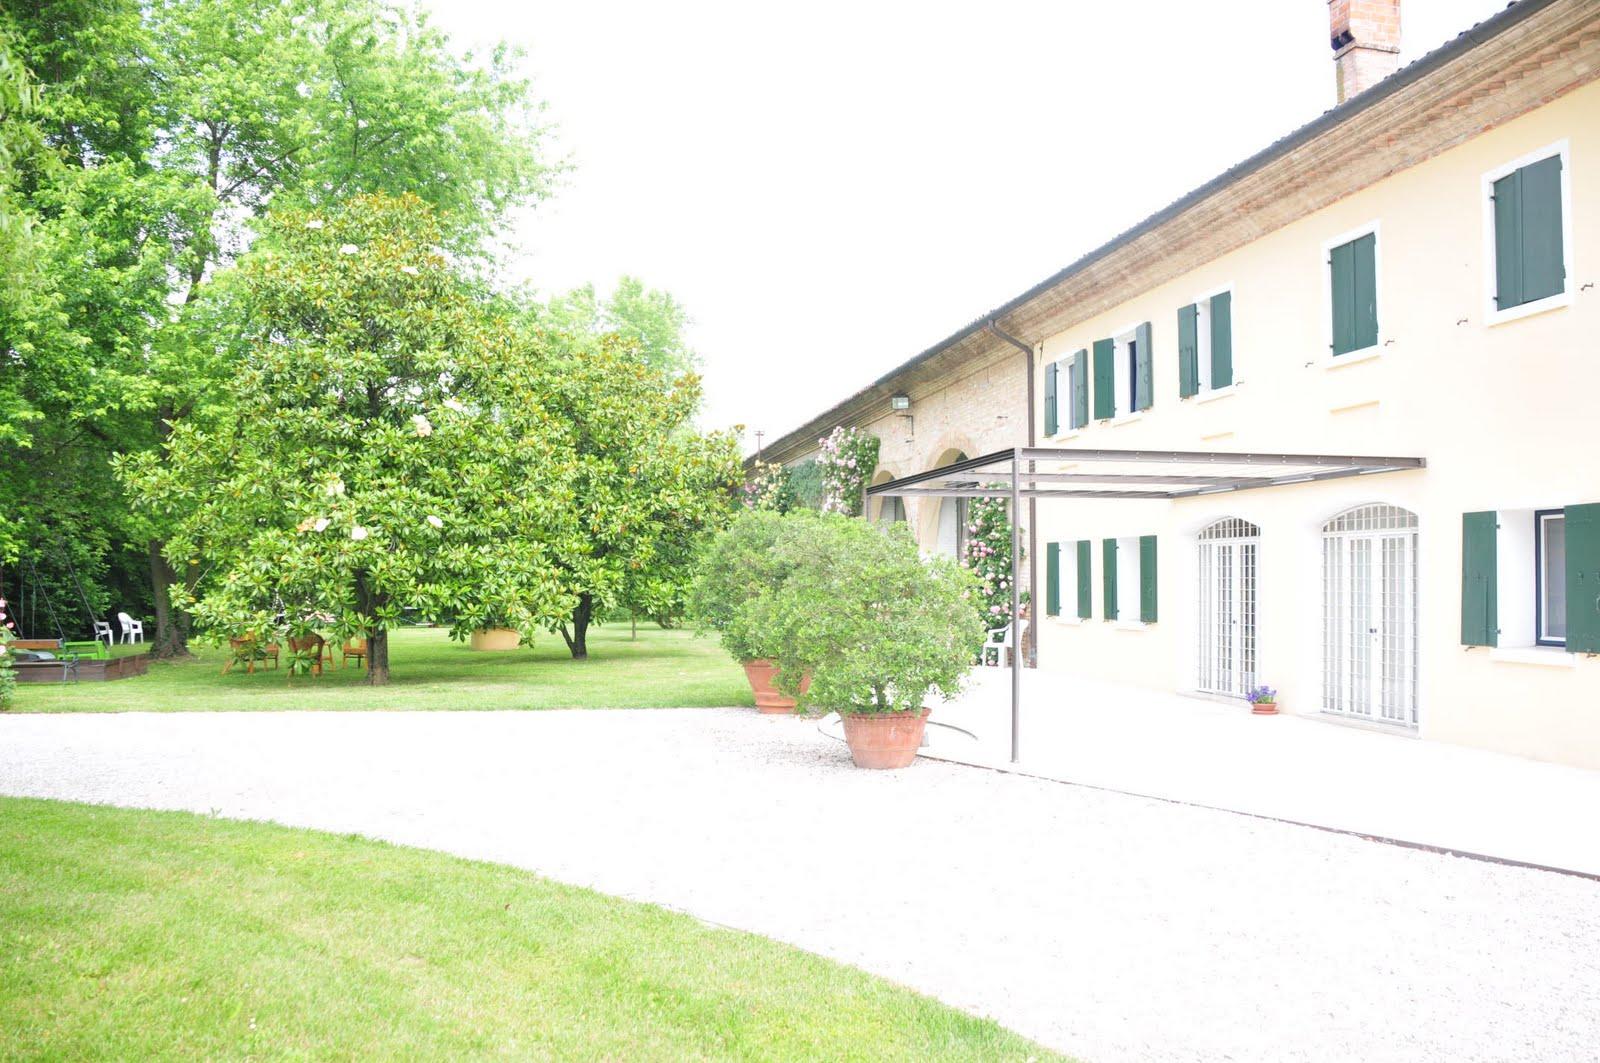 Rustico / Casale in vendita a Casale sul Sile, 8 locali, zona Località: Lughignano, prezzo € 450.000   Cambio Casa.it